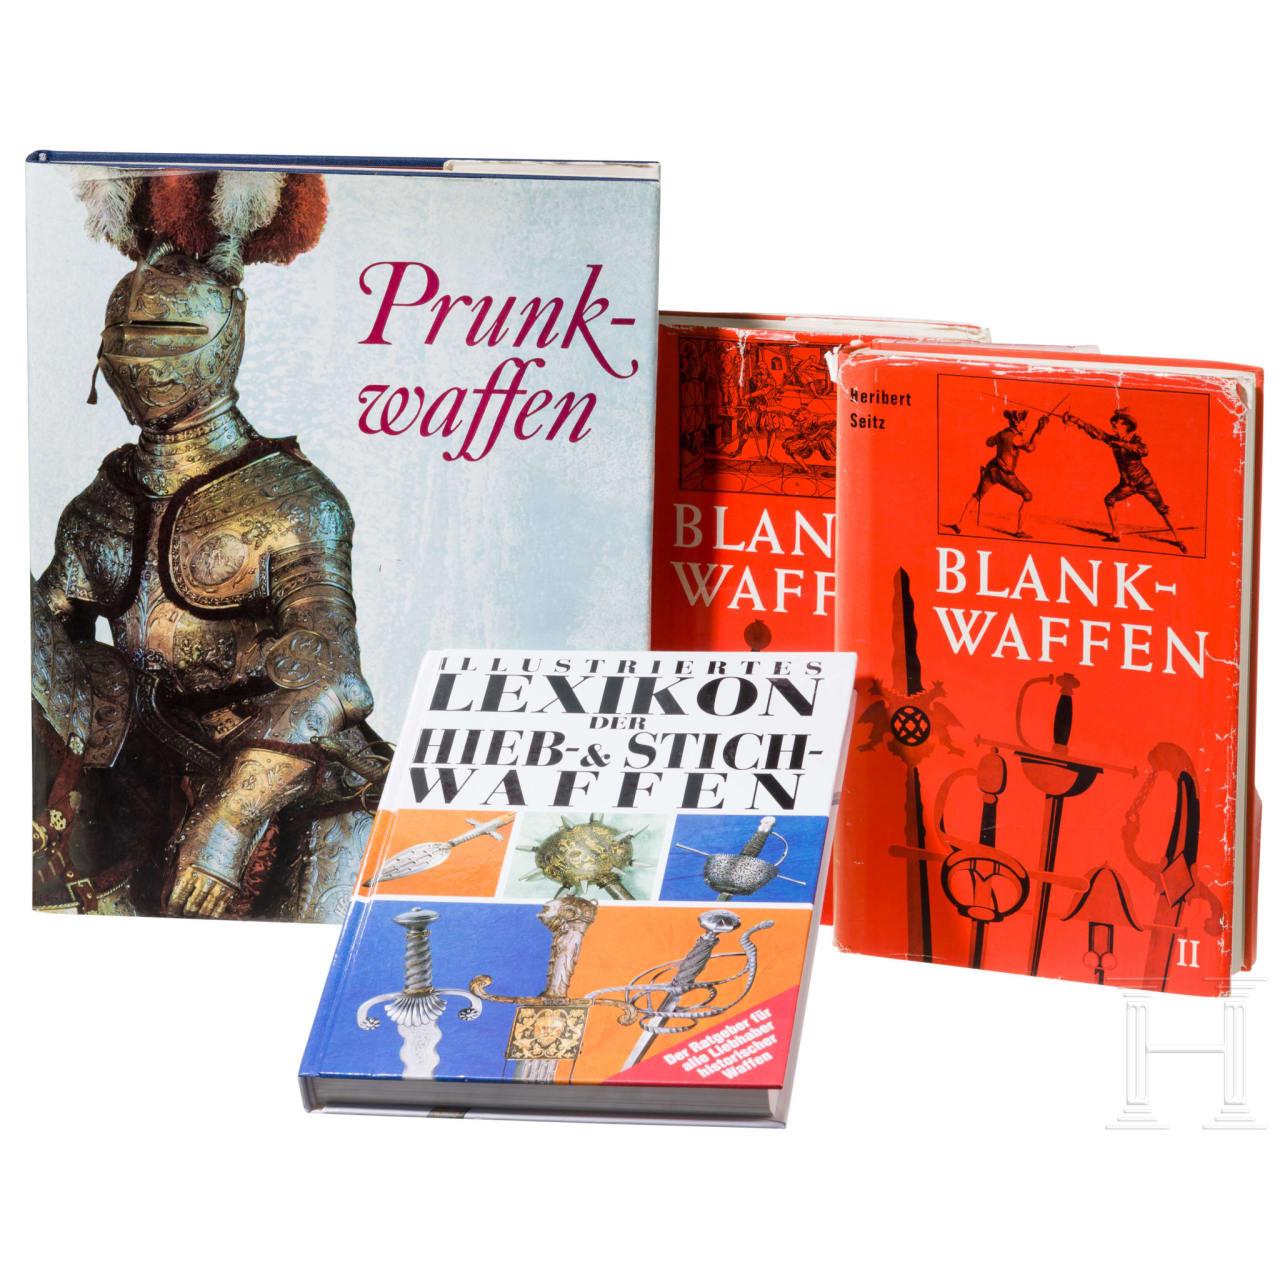 Vier Bücher zum Thema Blankwaffen